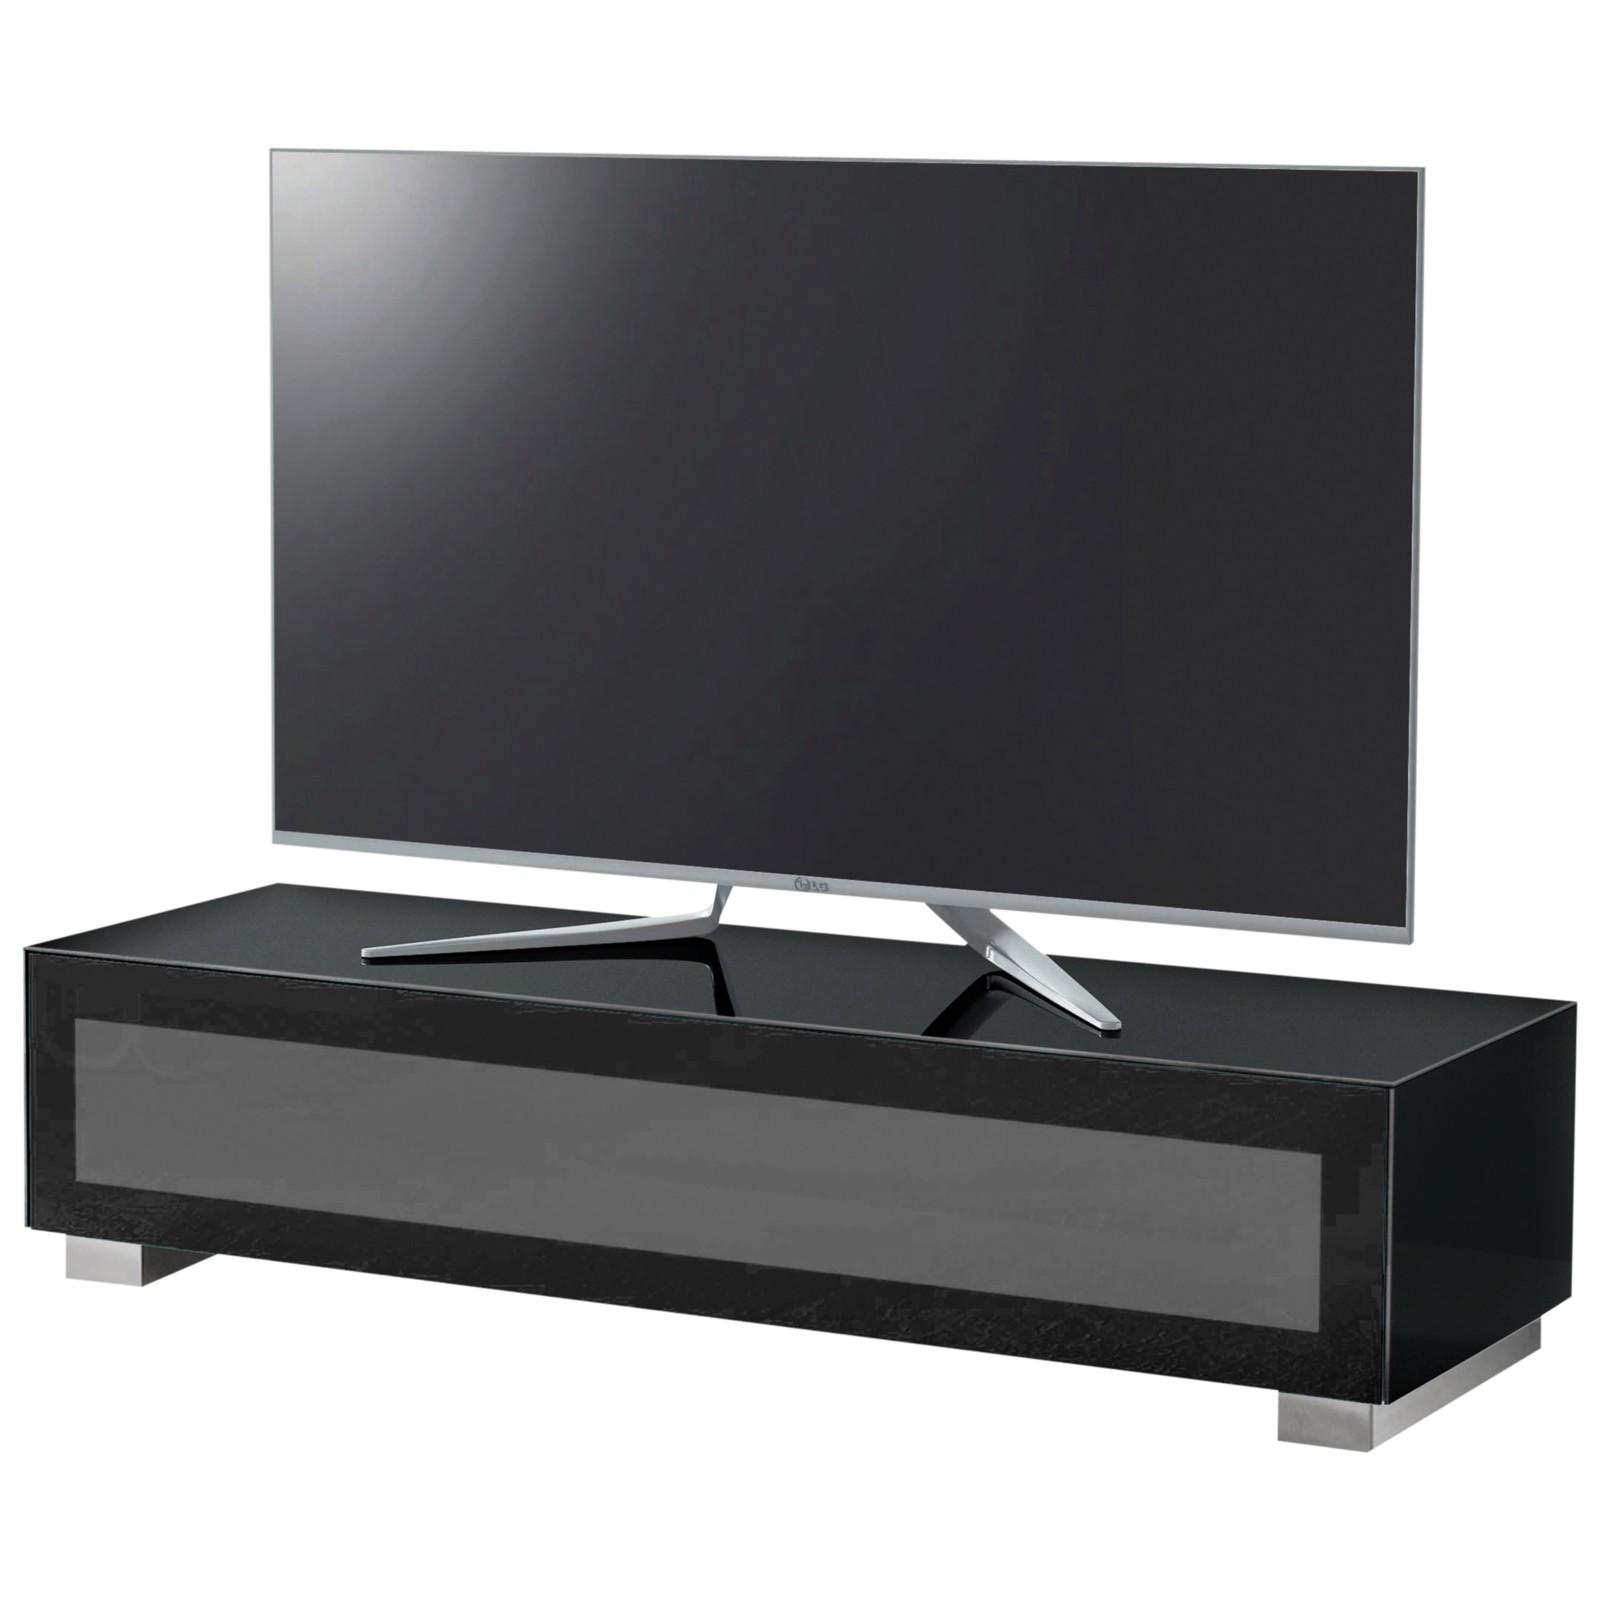 """Munari Magic 150 TV Stand For TV's up to 60"""" Black/Black"""